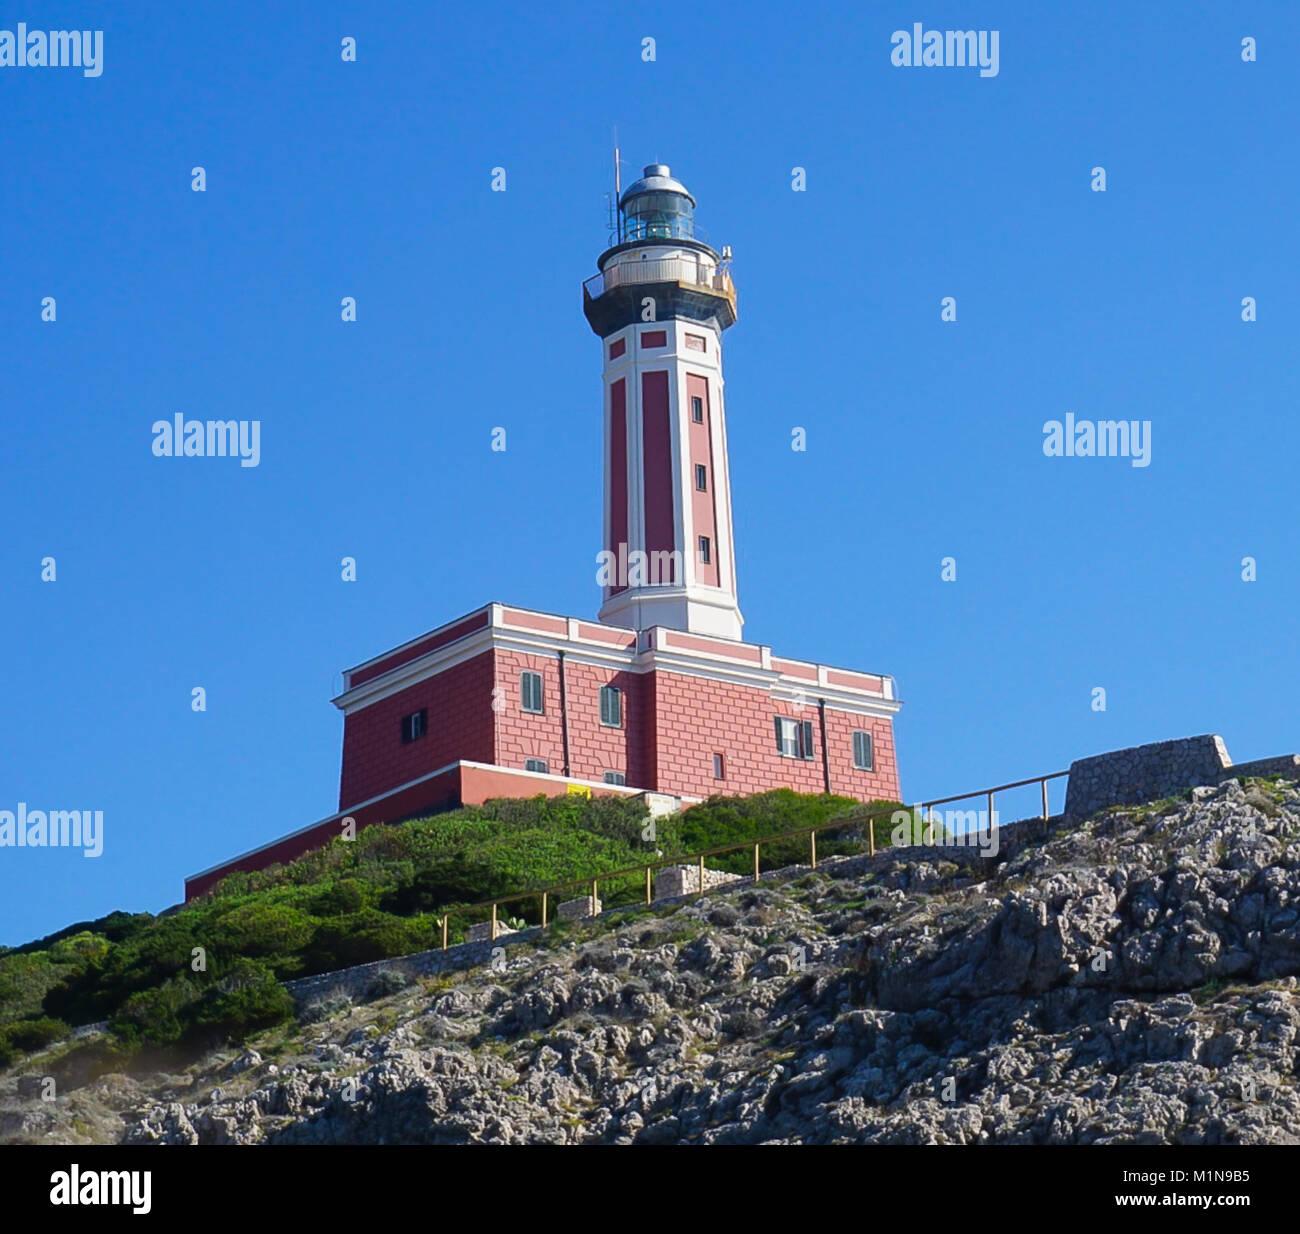 Le phare sur la falaise de Punta Carena sur l'île de Capri, Italie Banque D'Images